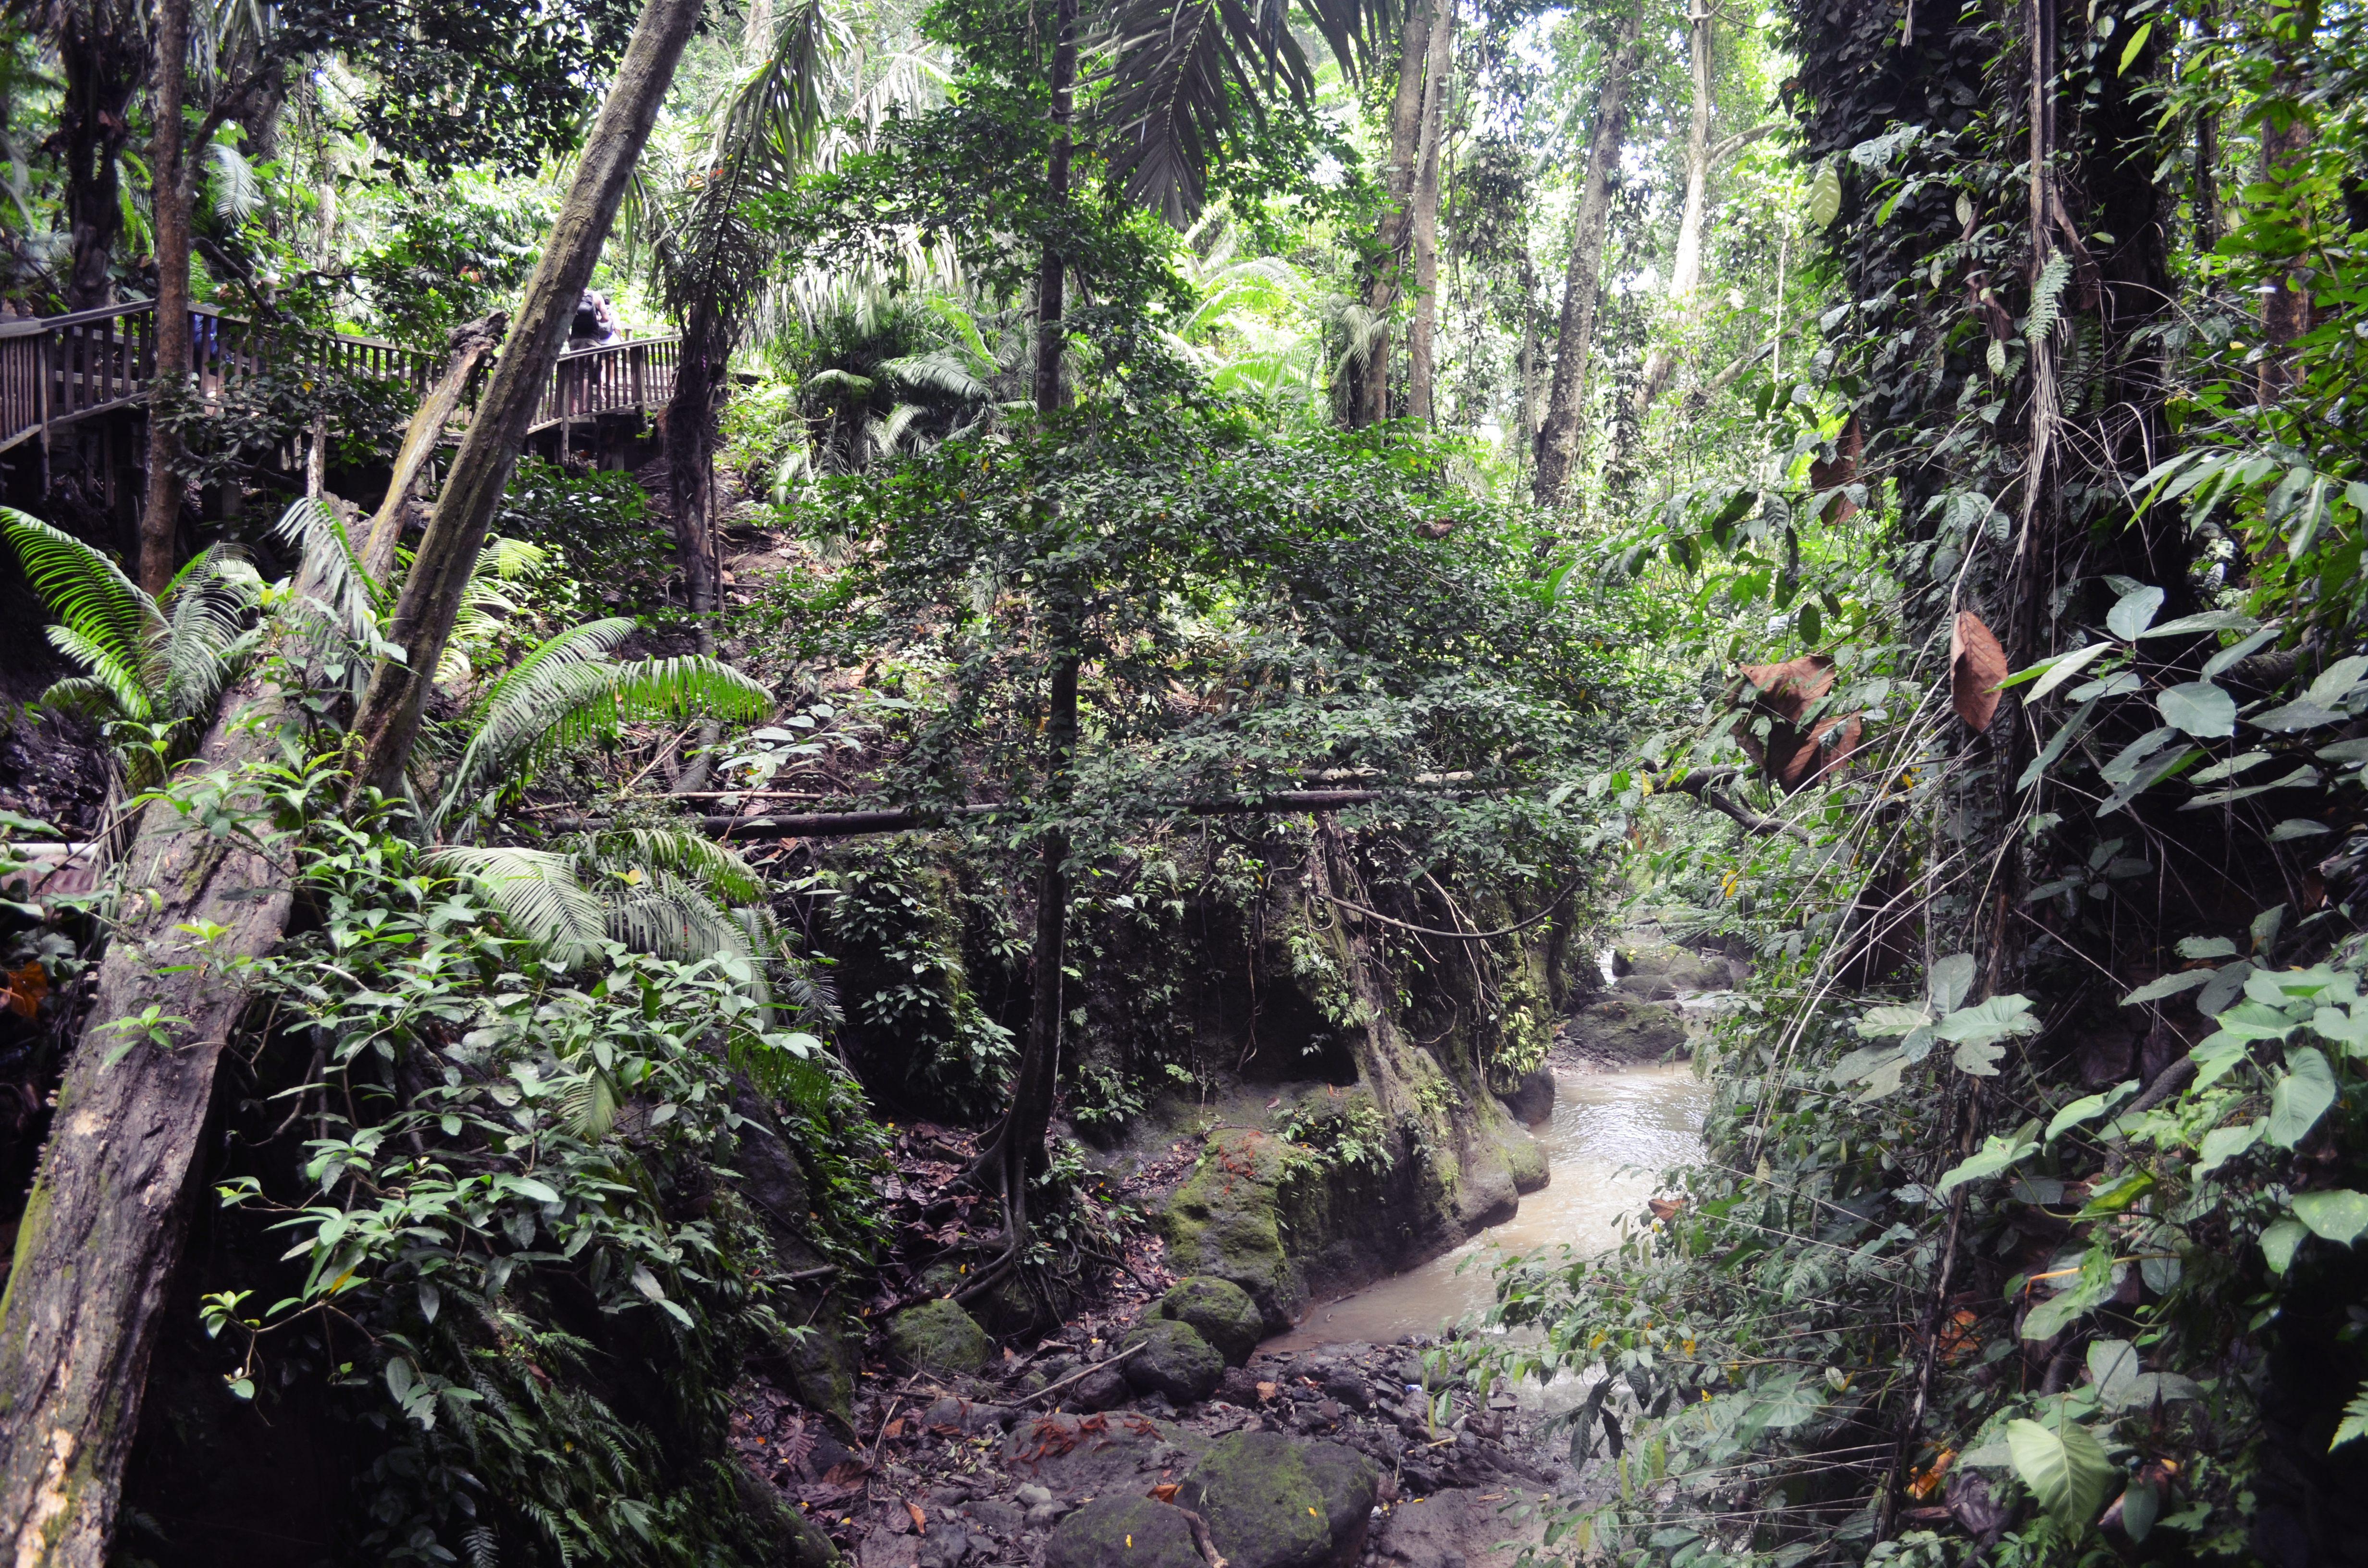 DSC_7131 La forêt des singes à Ubud